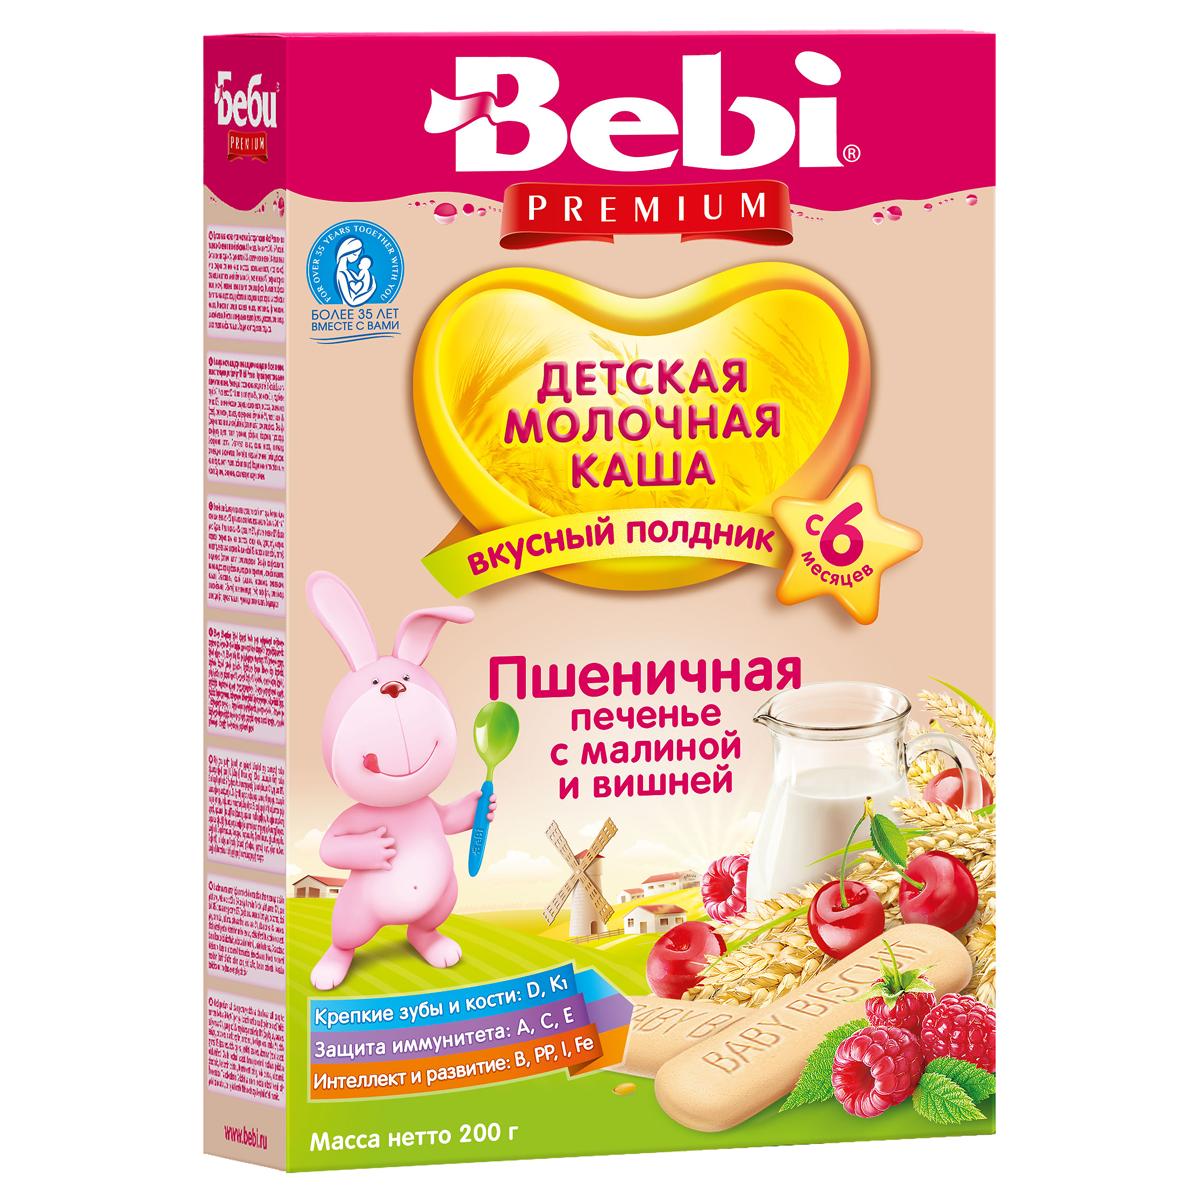 Каша Bebi молочная для полдника 200 гр Пшеничная с печеньем малиной и вишней (с 6 мес)<br>